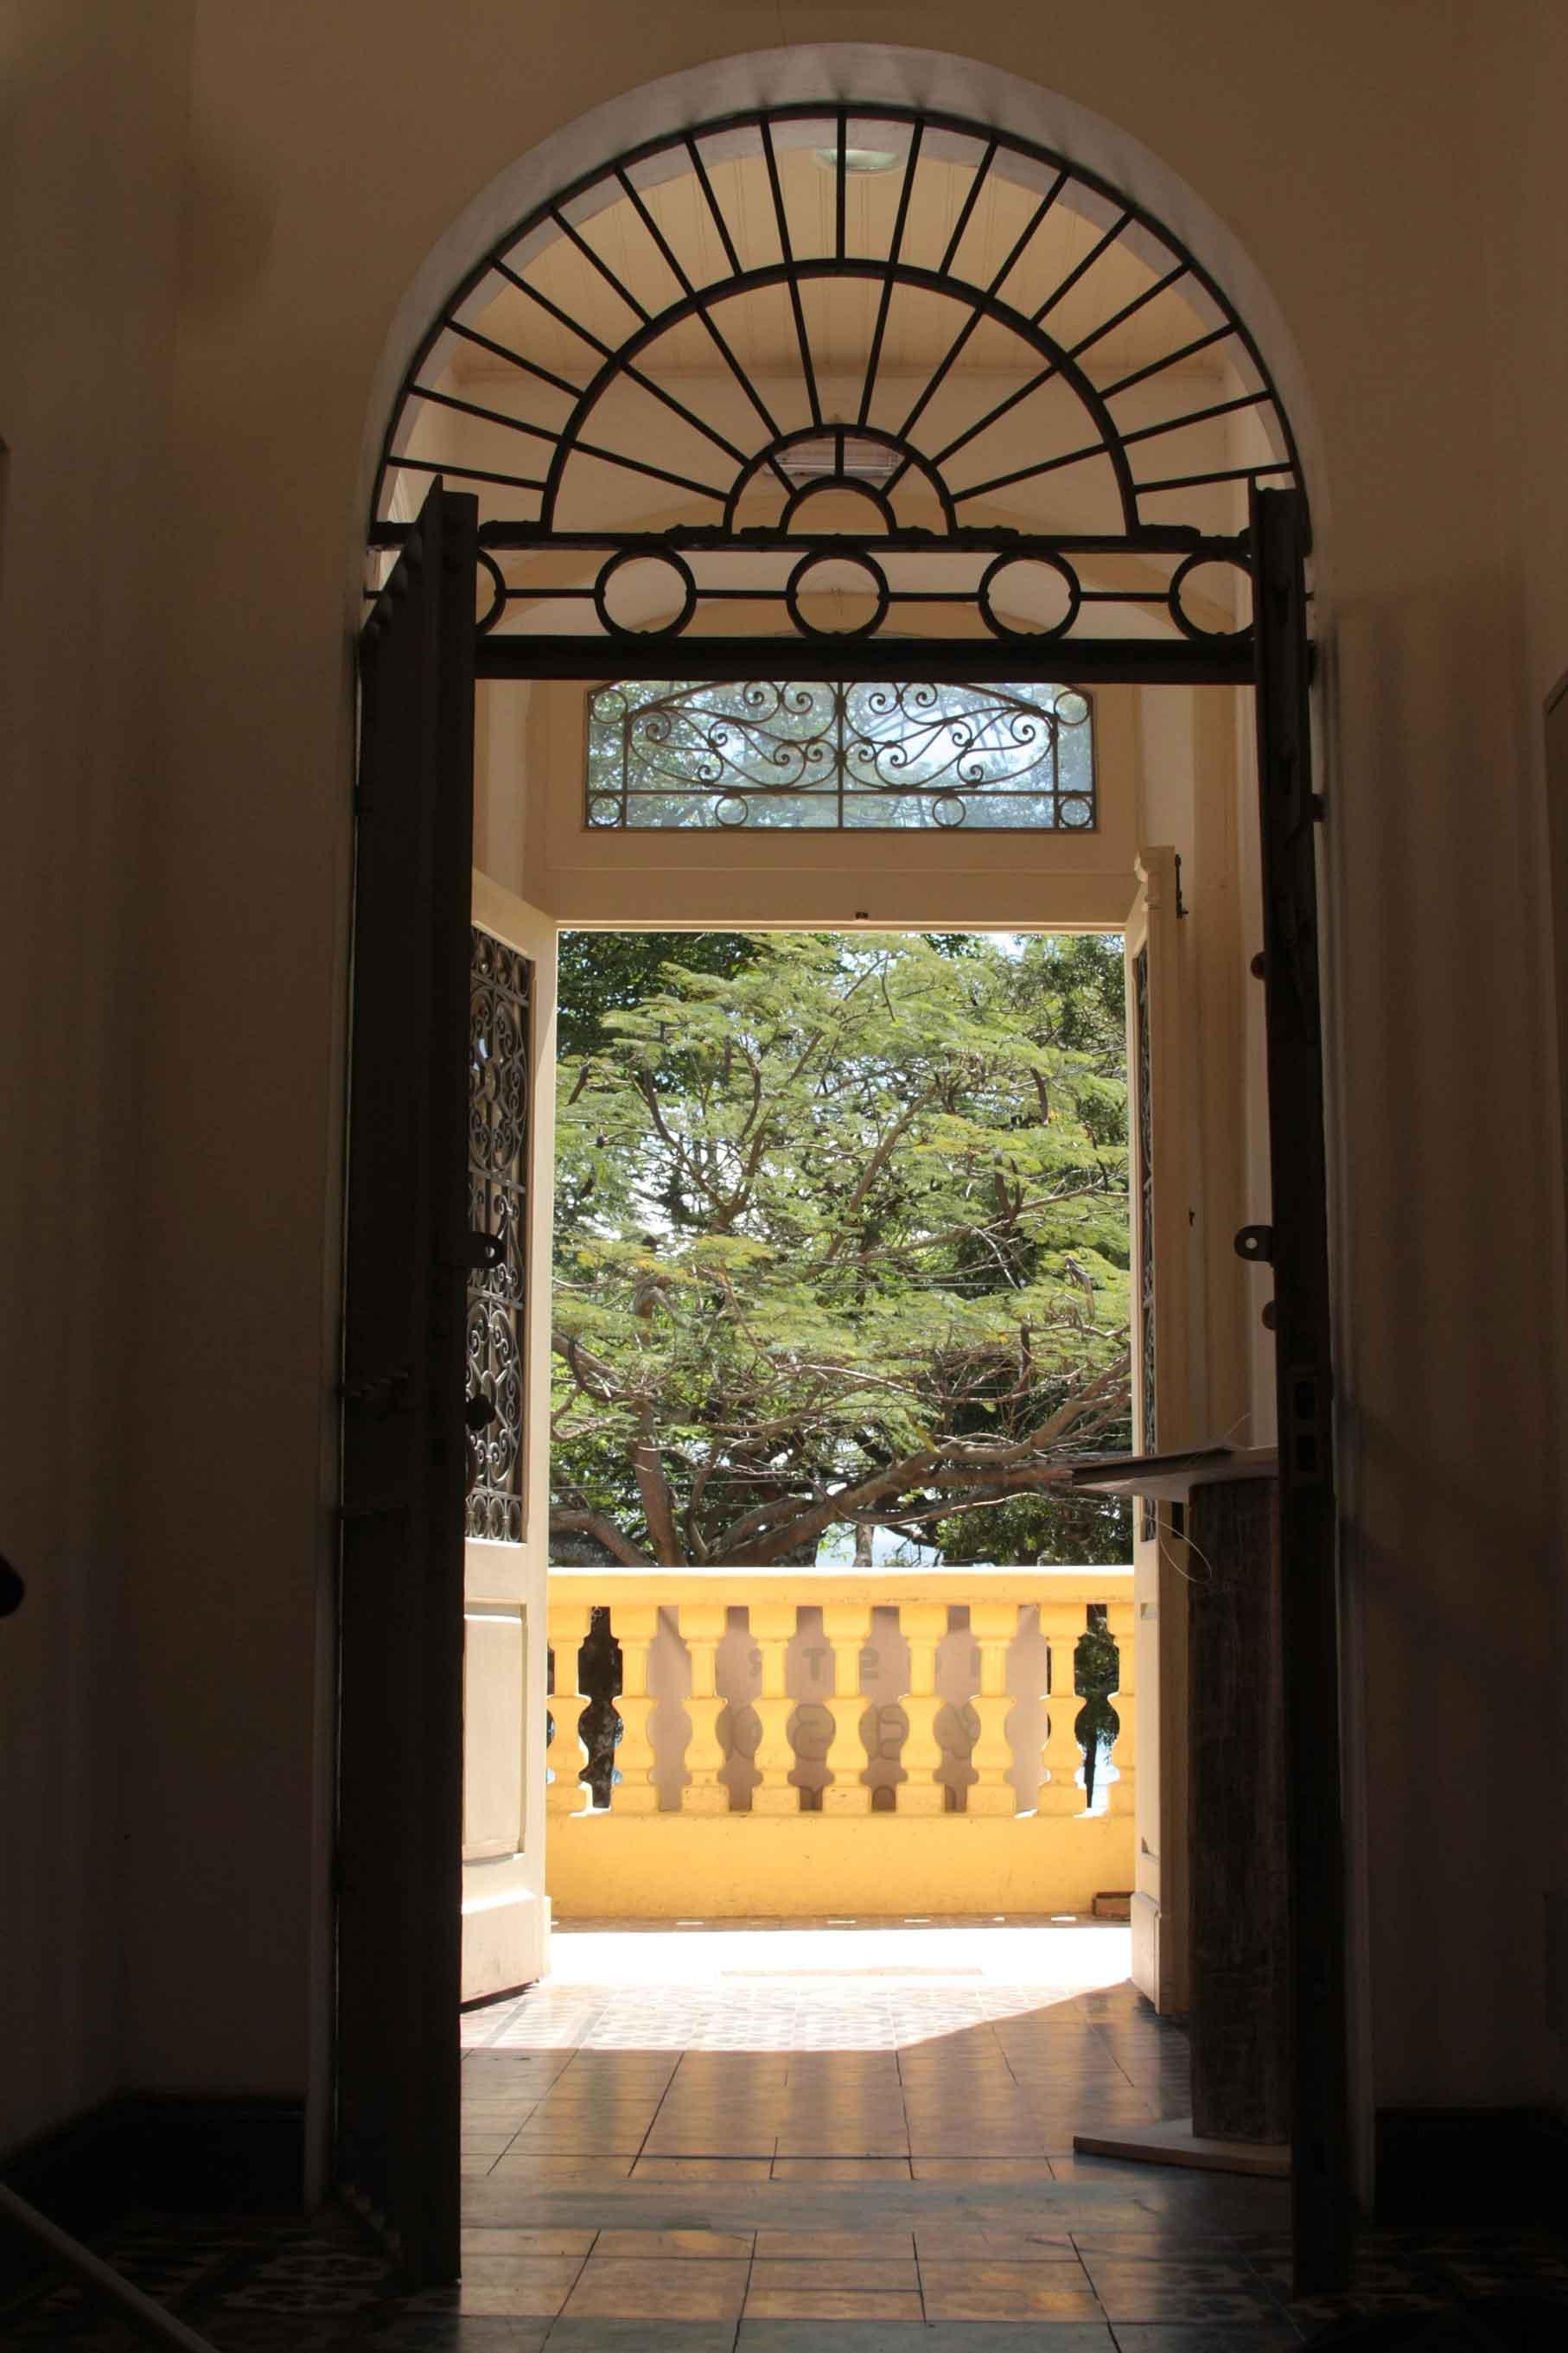 Casa de Câmara e Cadeia de Illhabela-ilhabela-arquitetura-cadeia-antiga-577-bx